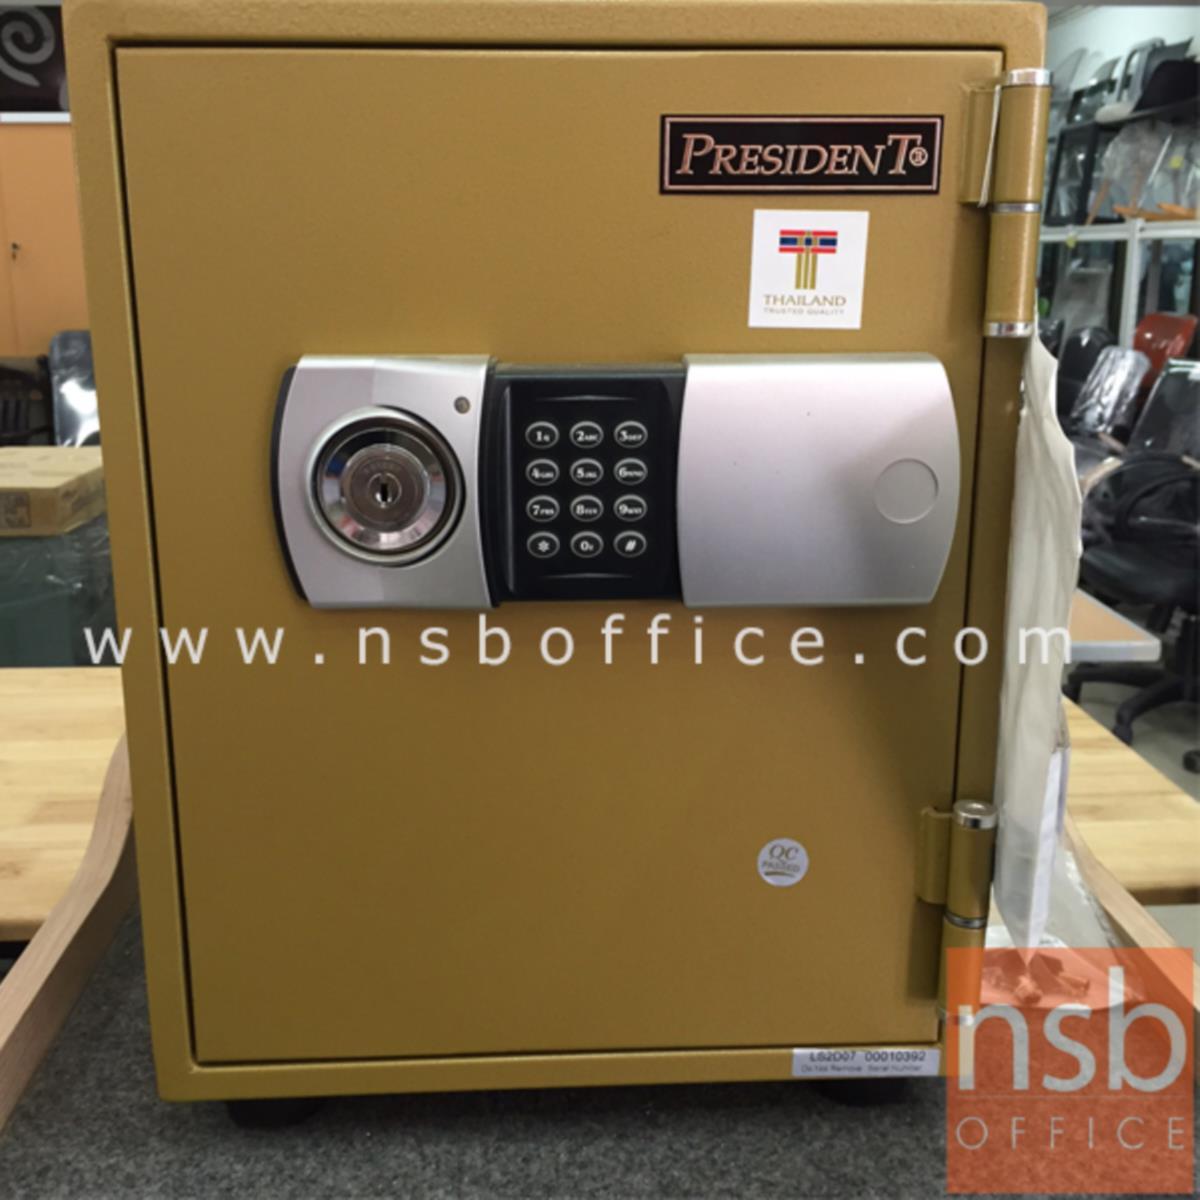 ตู้เซฟนิรภัยชนิดดิจิตอล 28 กก. รุ่น PRESIDENT-LS2D   มี 1 กุญแจ 1 รหัส (รหัสใช้กดหน้าตู้)